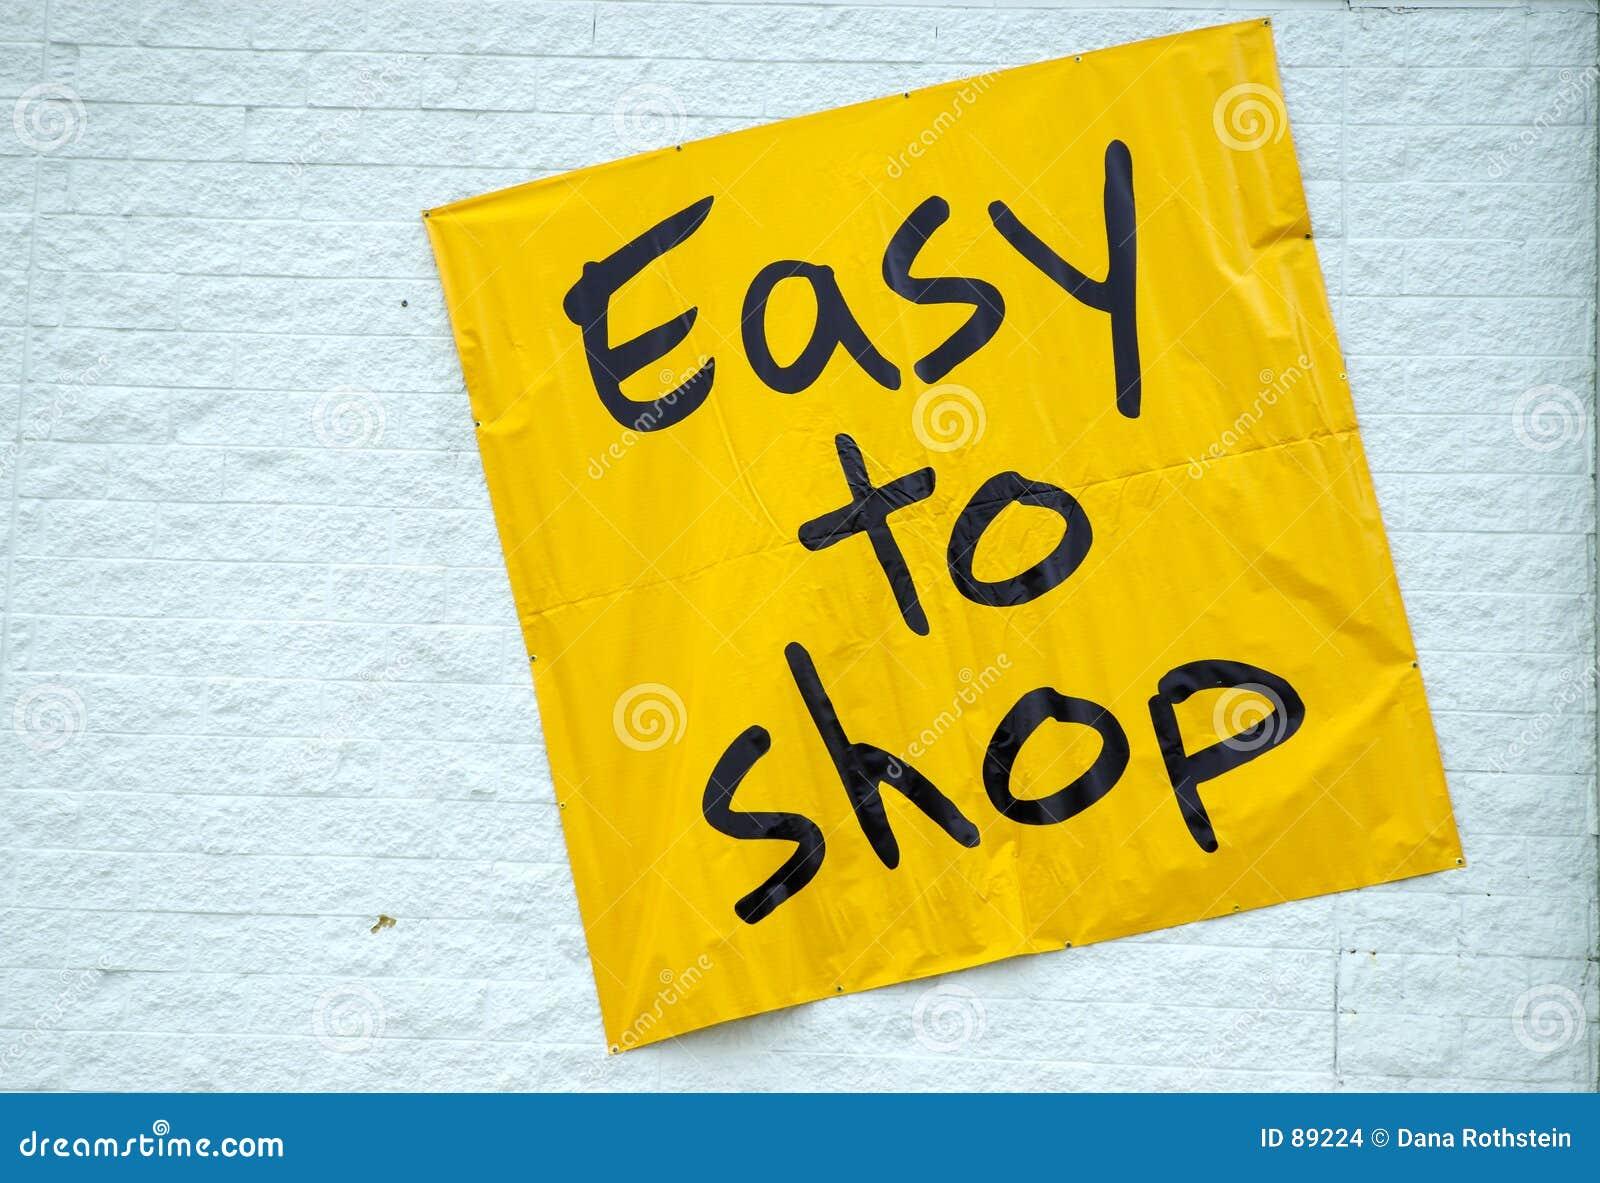 łatwe do sklepu